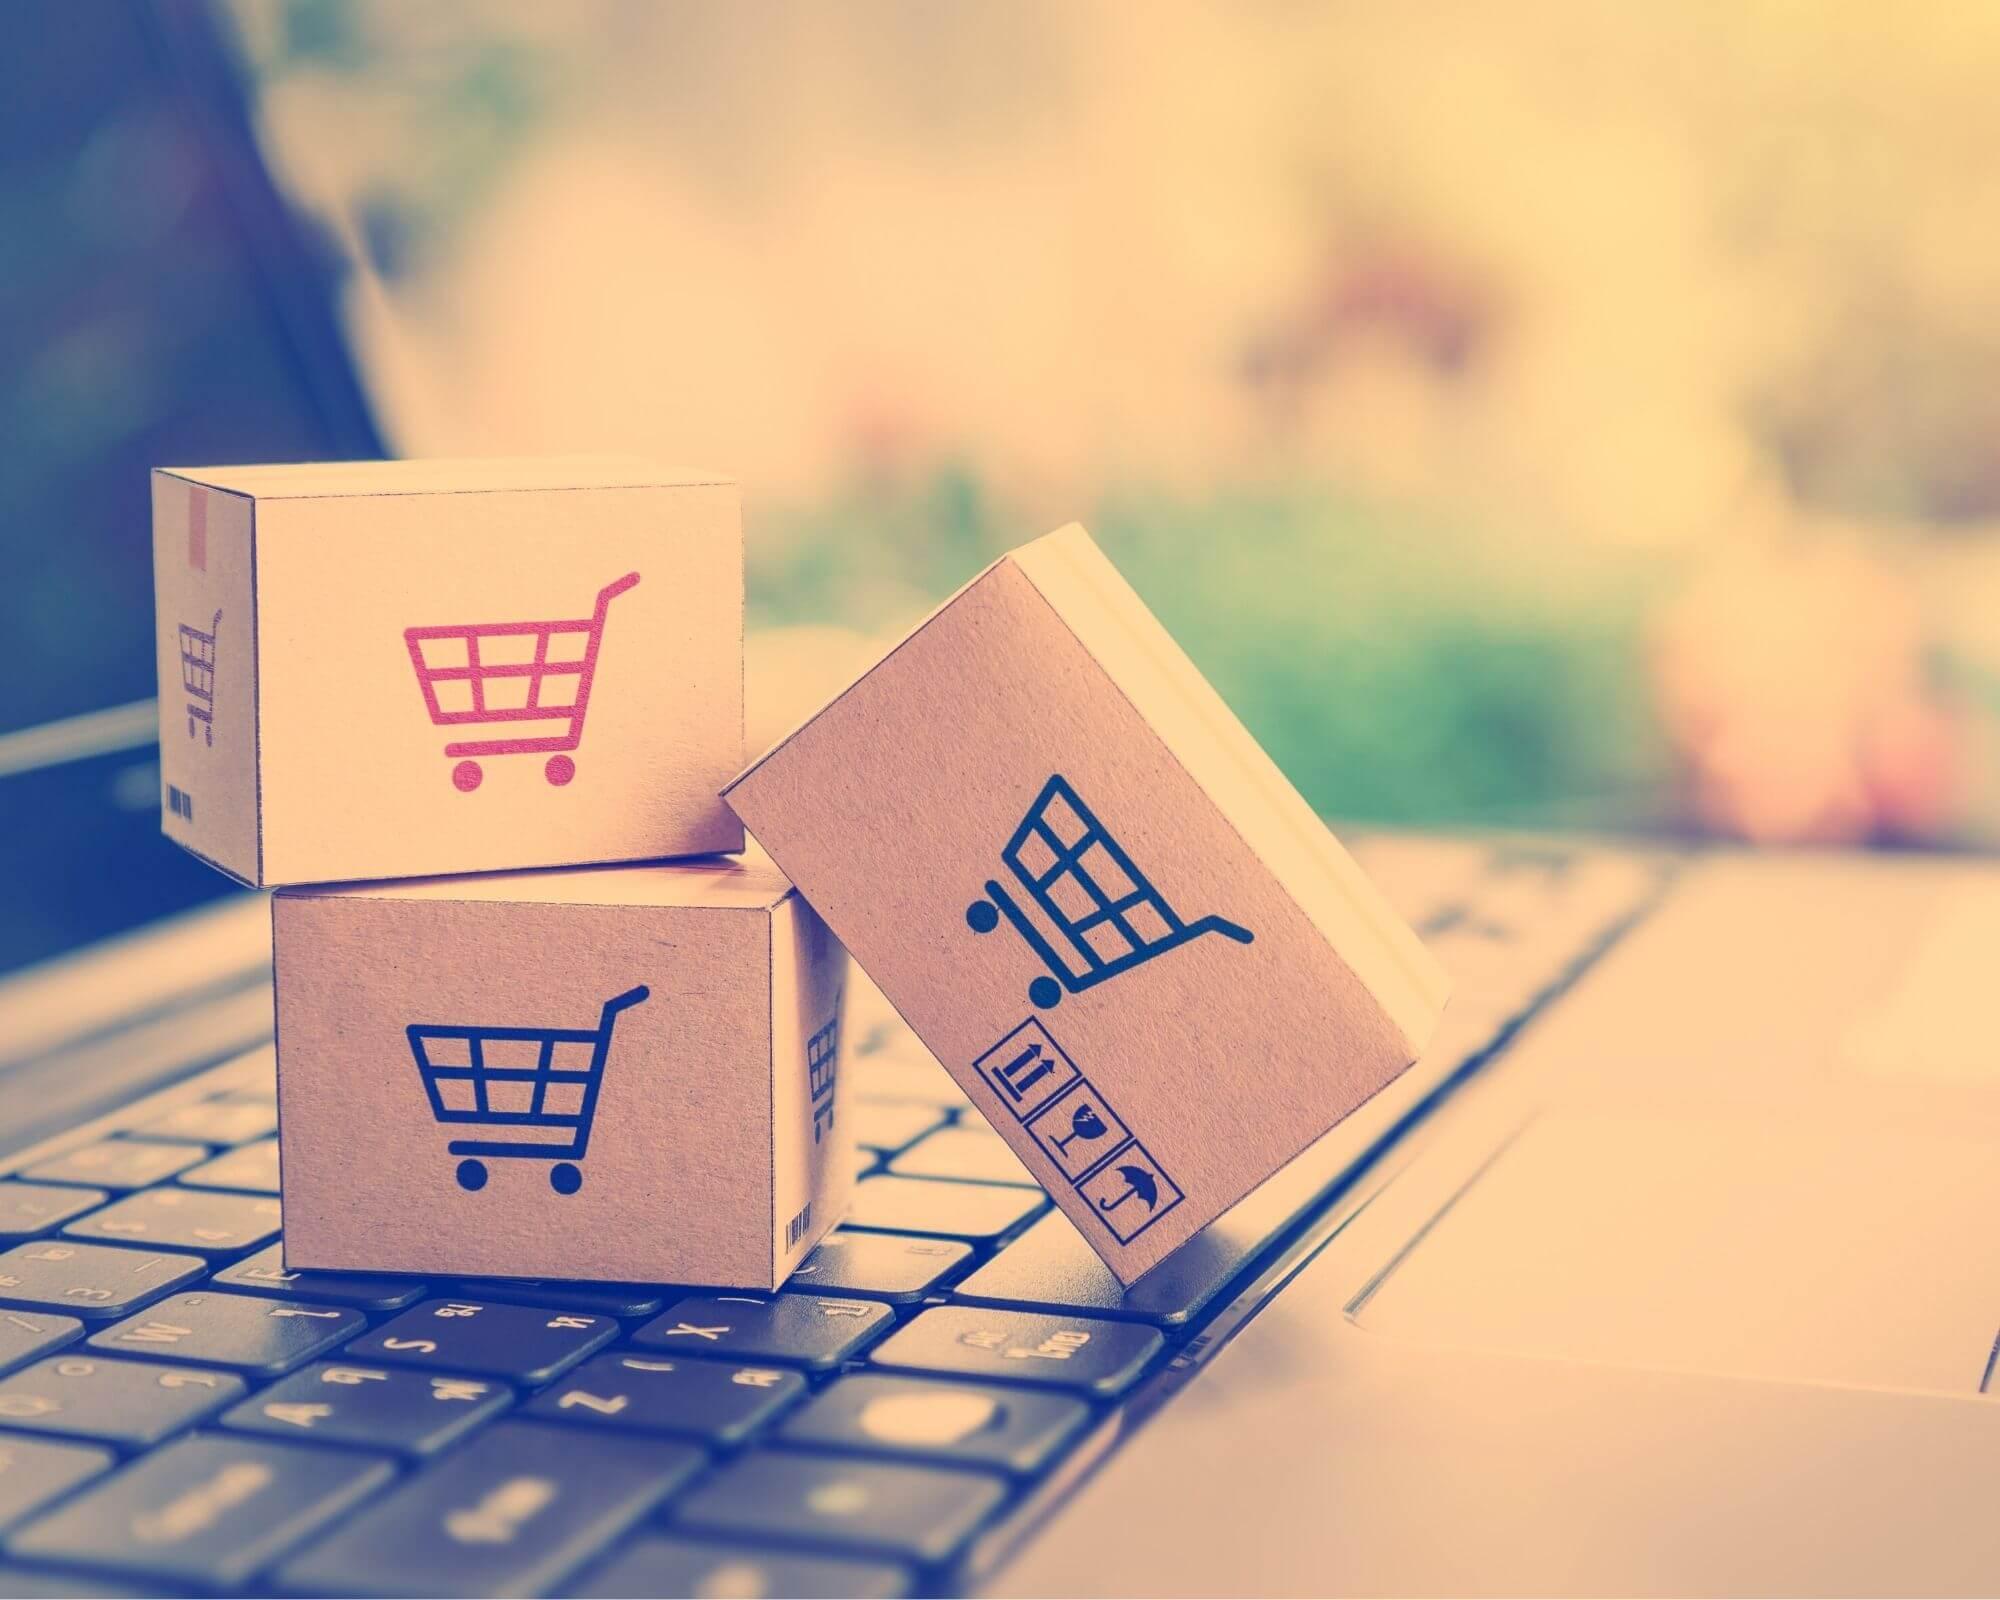 cajas de cartón reciclado para realizar envíos ecommerce